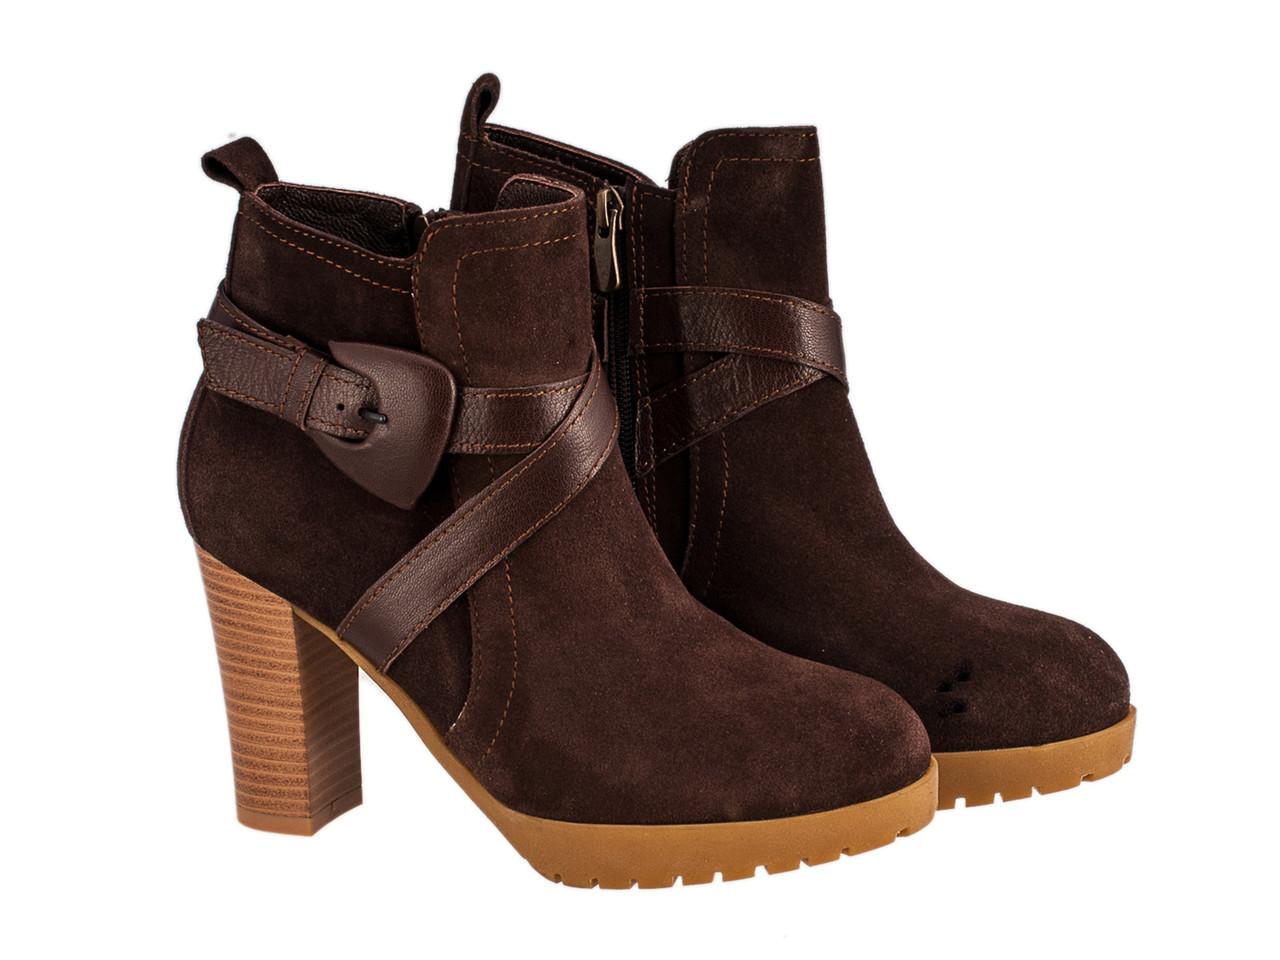 Ботинки Etor 1438-1088-0041 36 коричневые